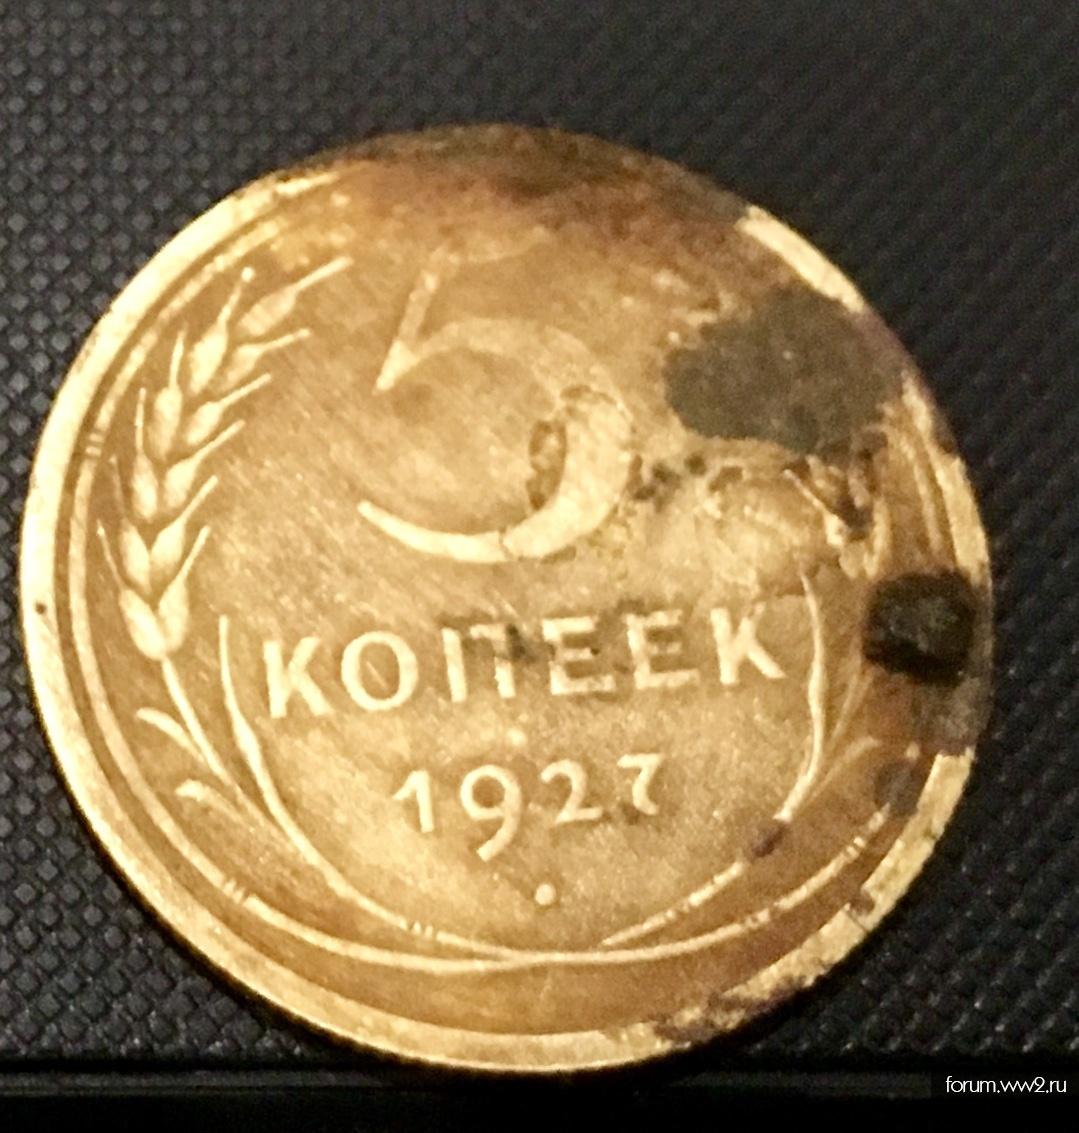 5 копеек 1927г